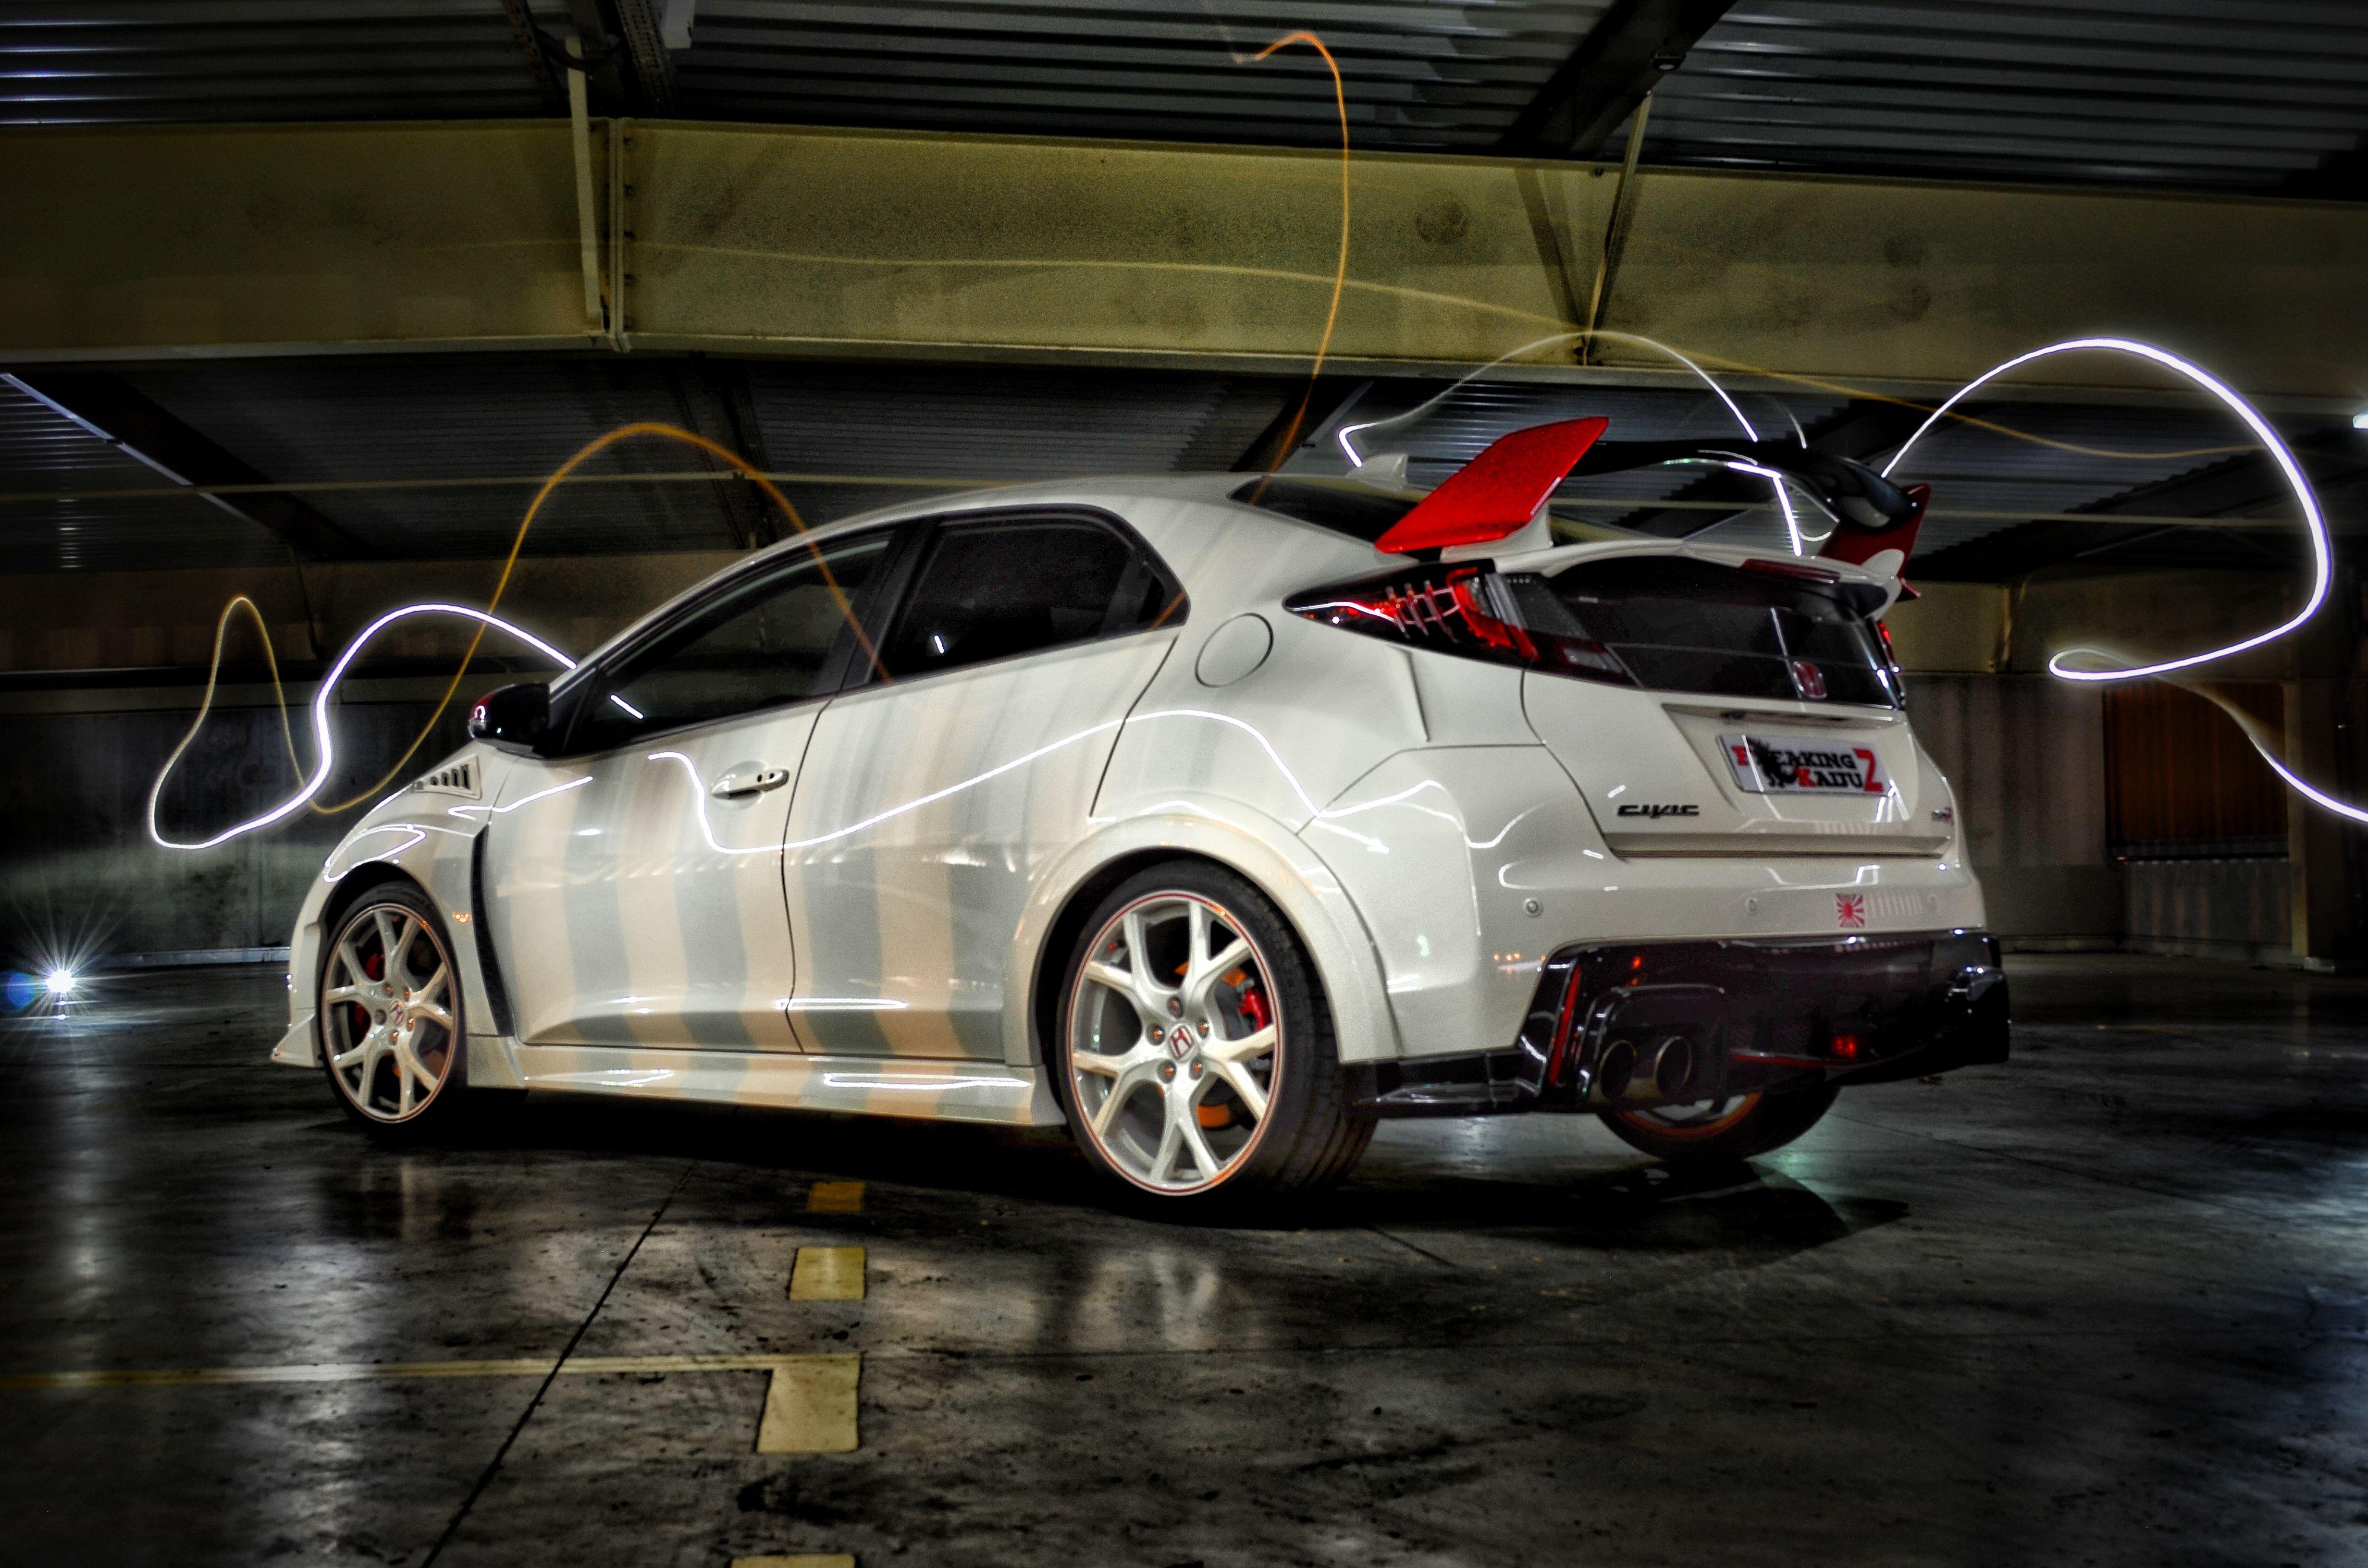 Honda Civic Type R Fk2 White Edition Honda Civic Type R Honda Civic Honda